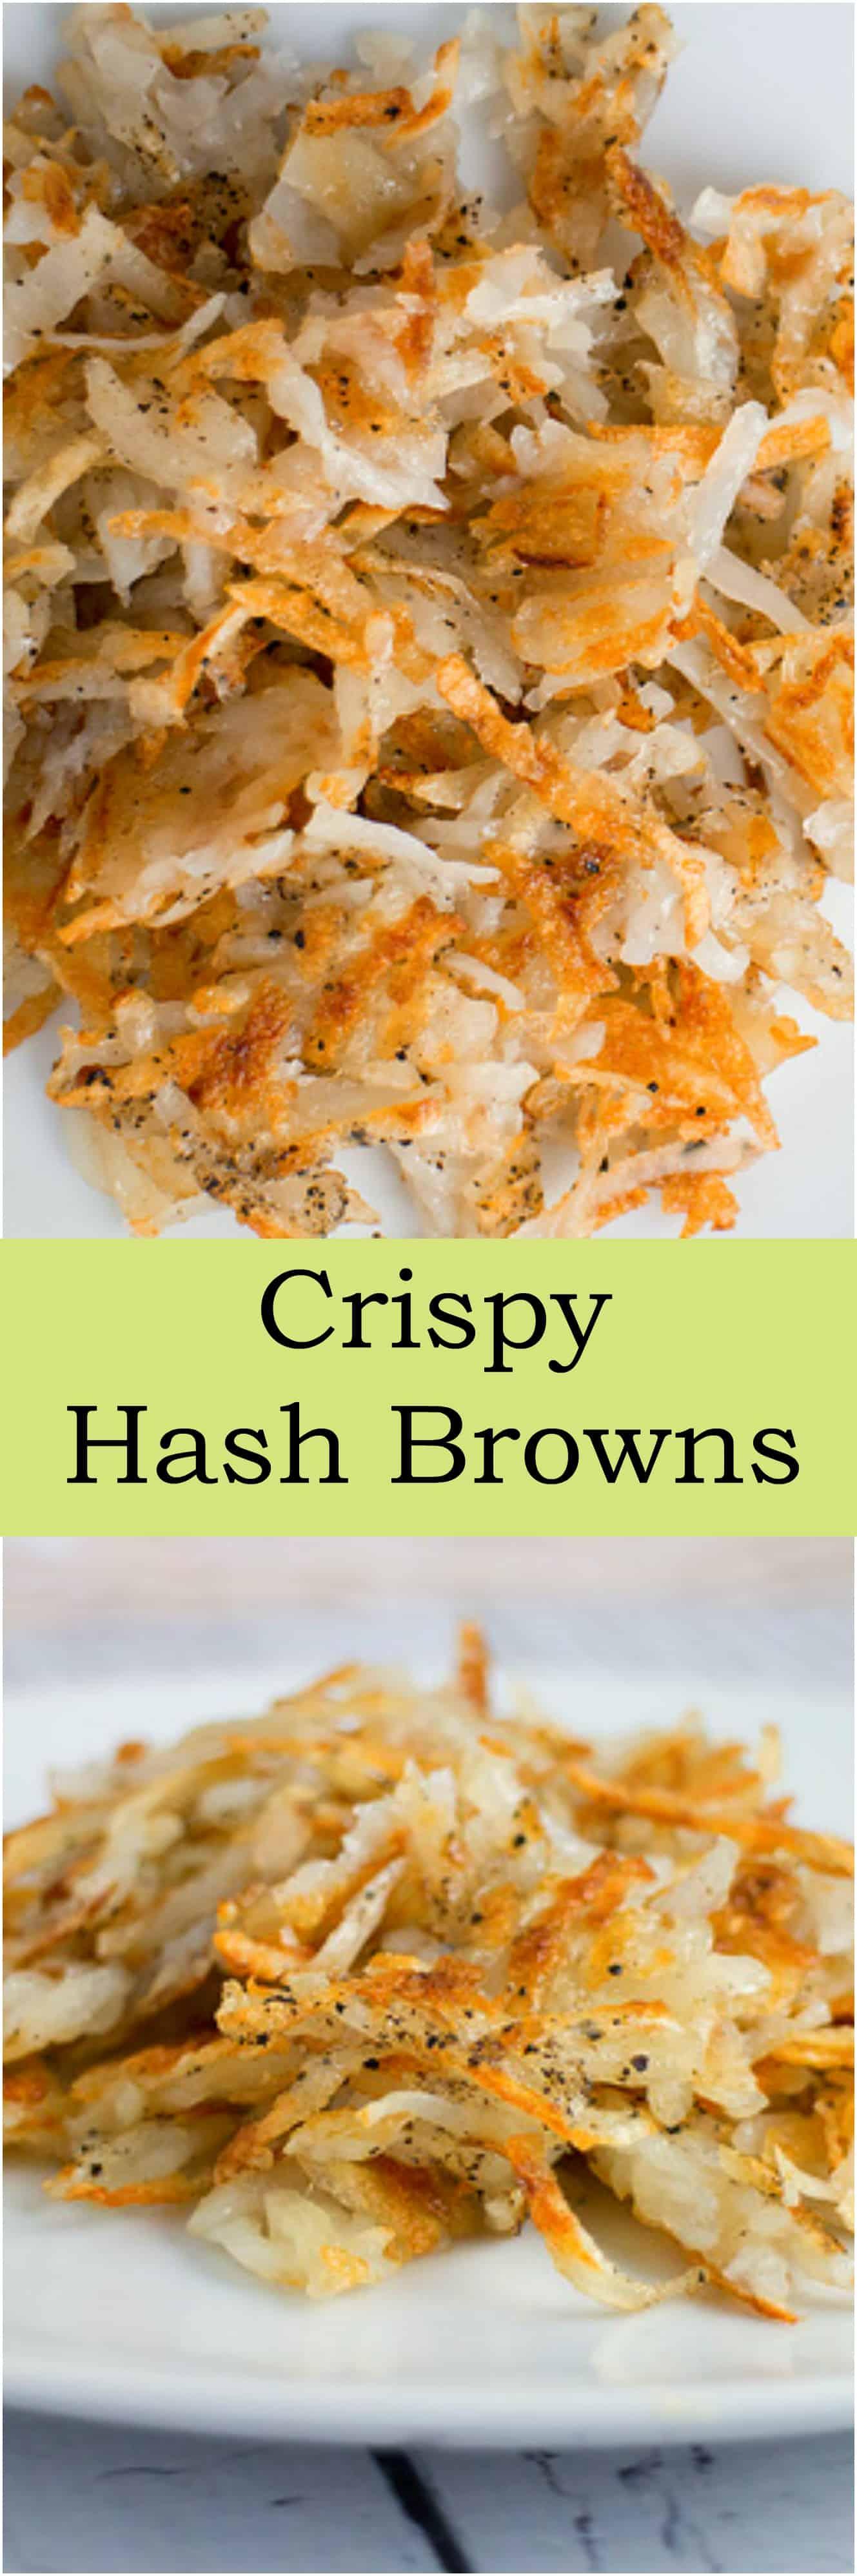 Crispy Hash Browns - Brooklyn Farm Girl